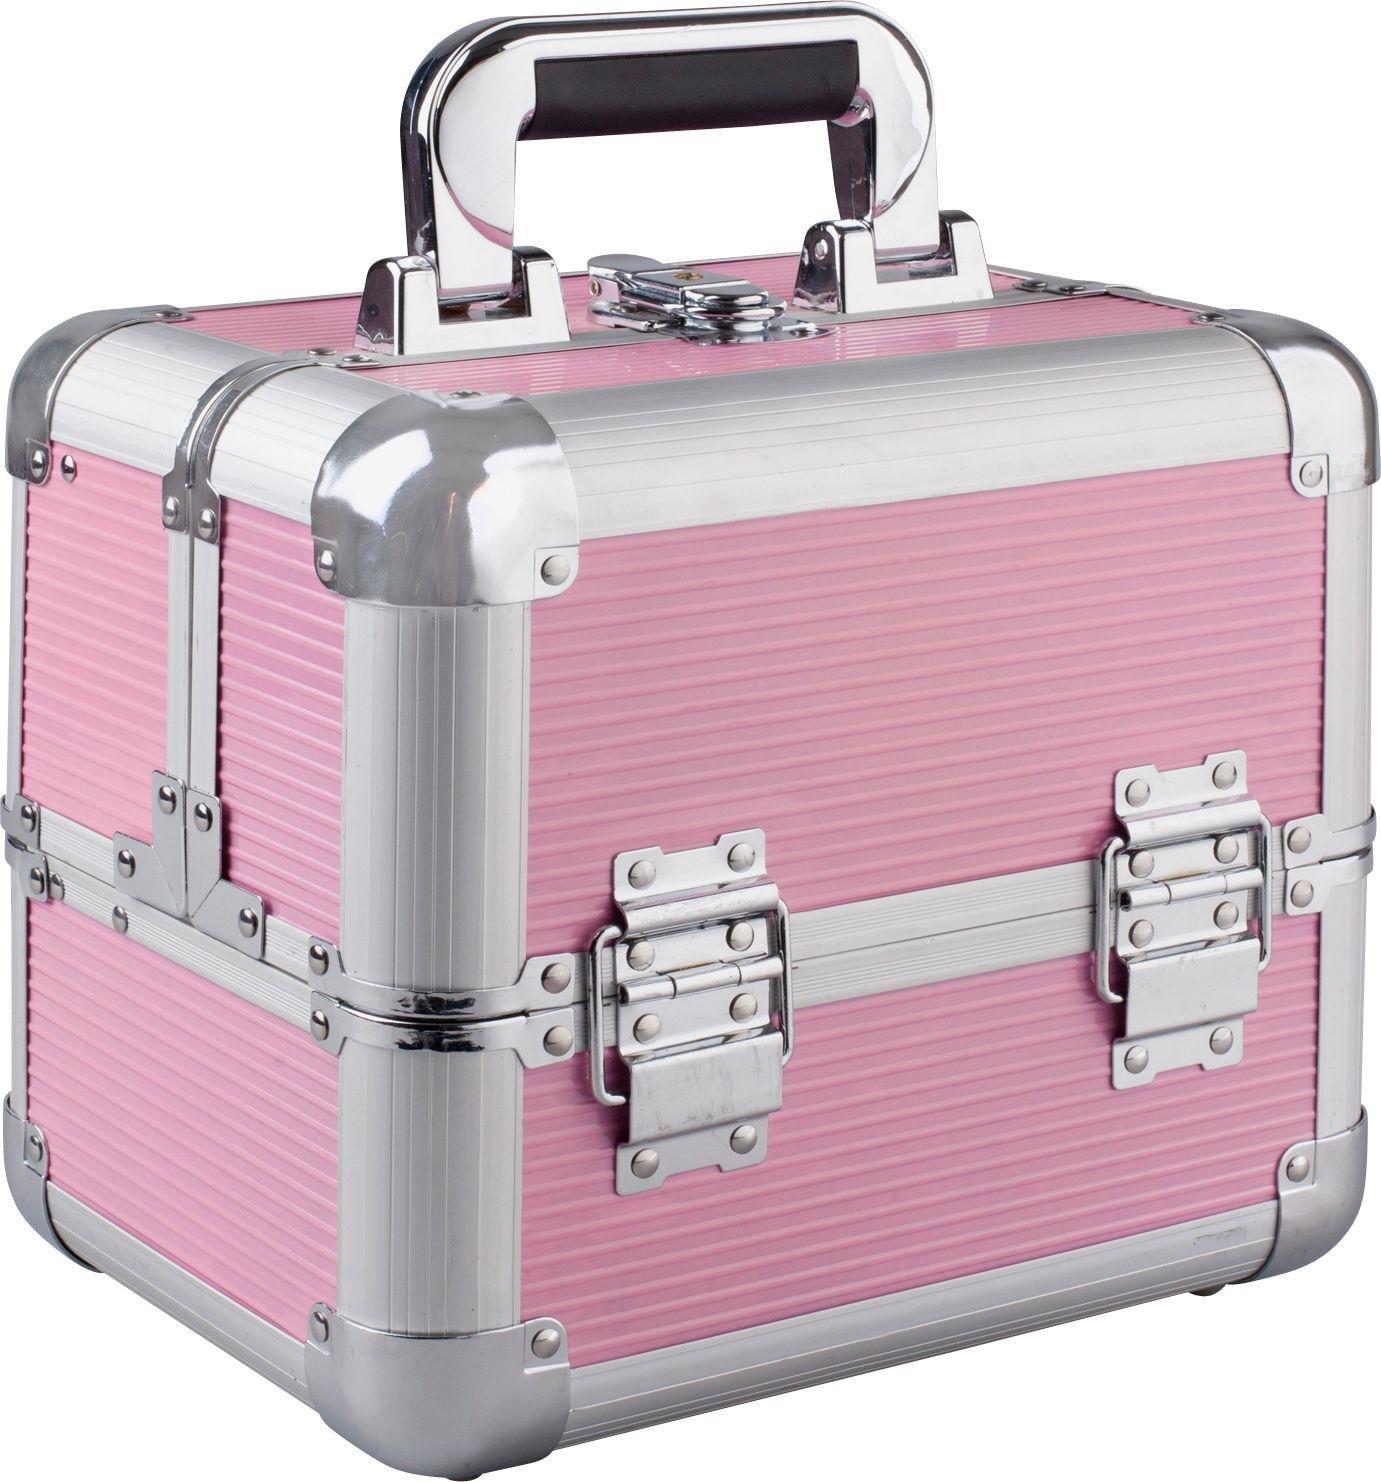 Buy Medium Pink Aluminium Cosmetic Case at Argos.co.uk - Your ...